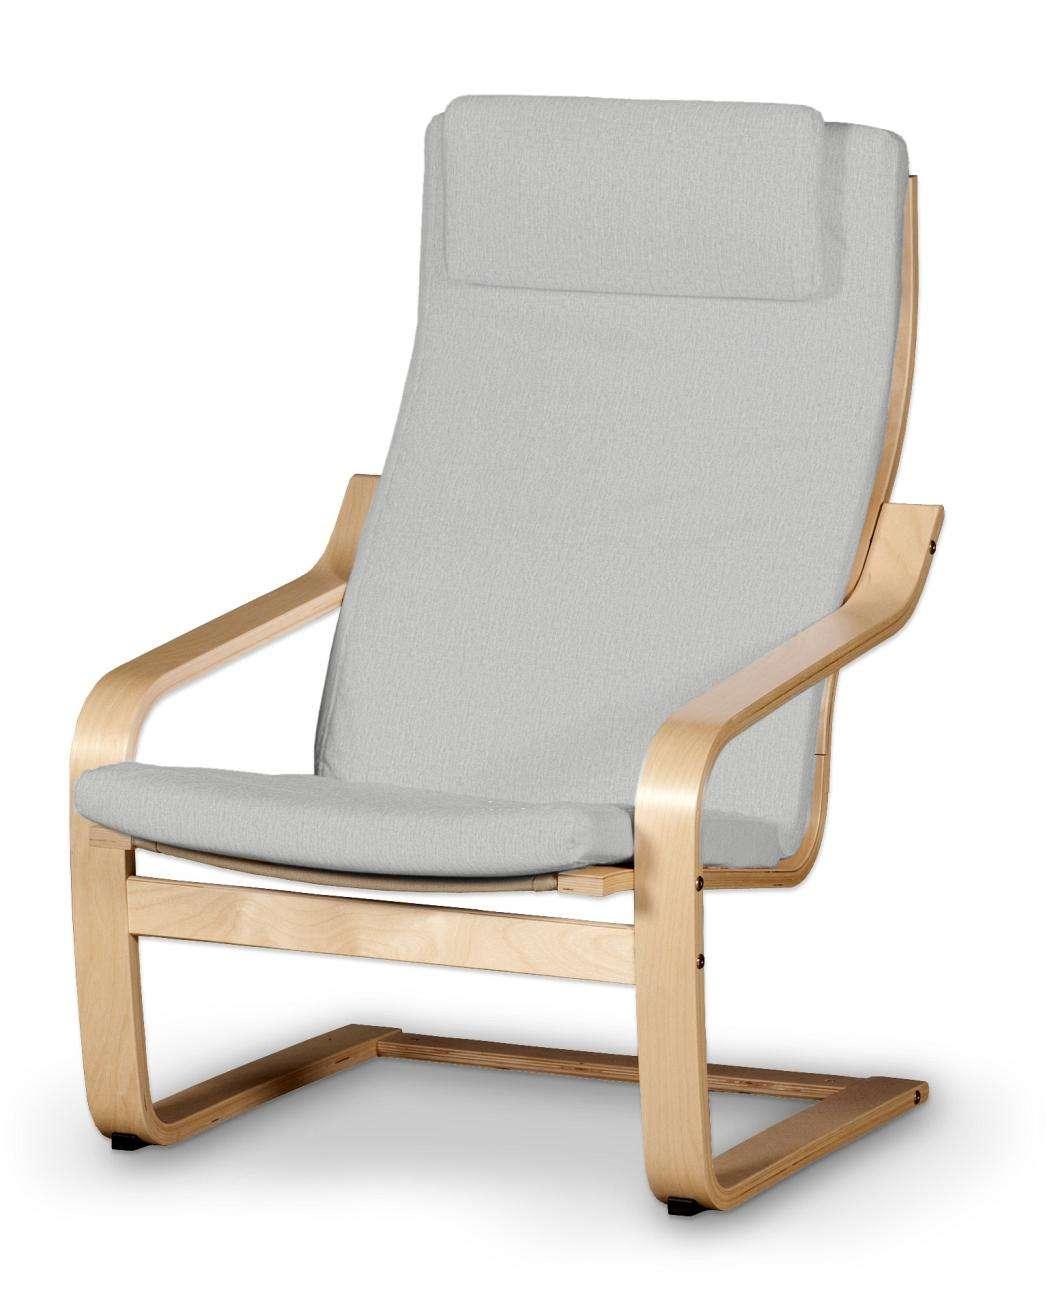 Poäng II  fotelio užvalkalas (su nuimama pagalvėle) Poäng II fotelis su nuimama pagalvėle kolekcijoje Chenille, audinys: 702-23